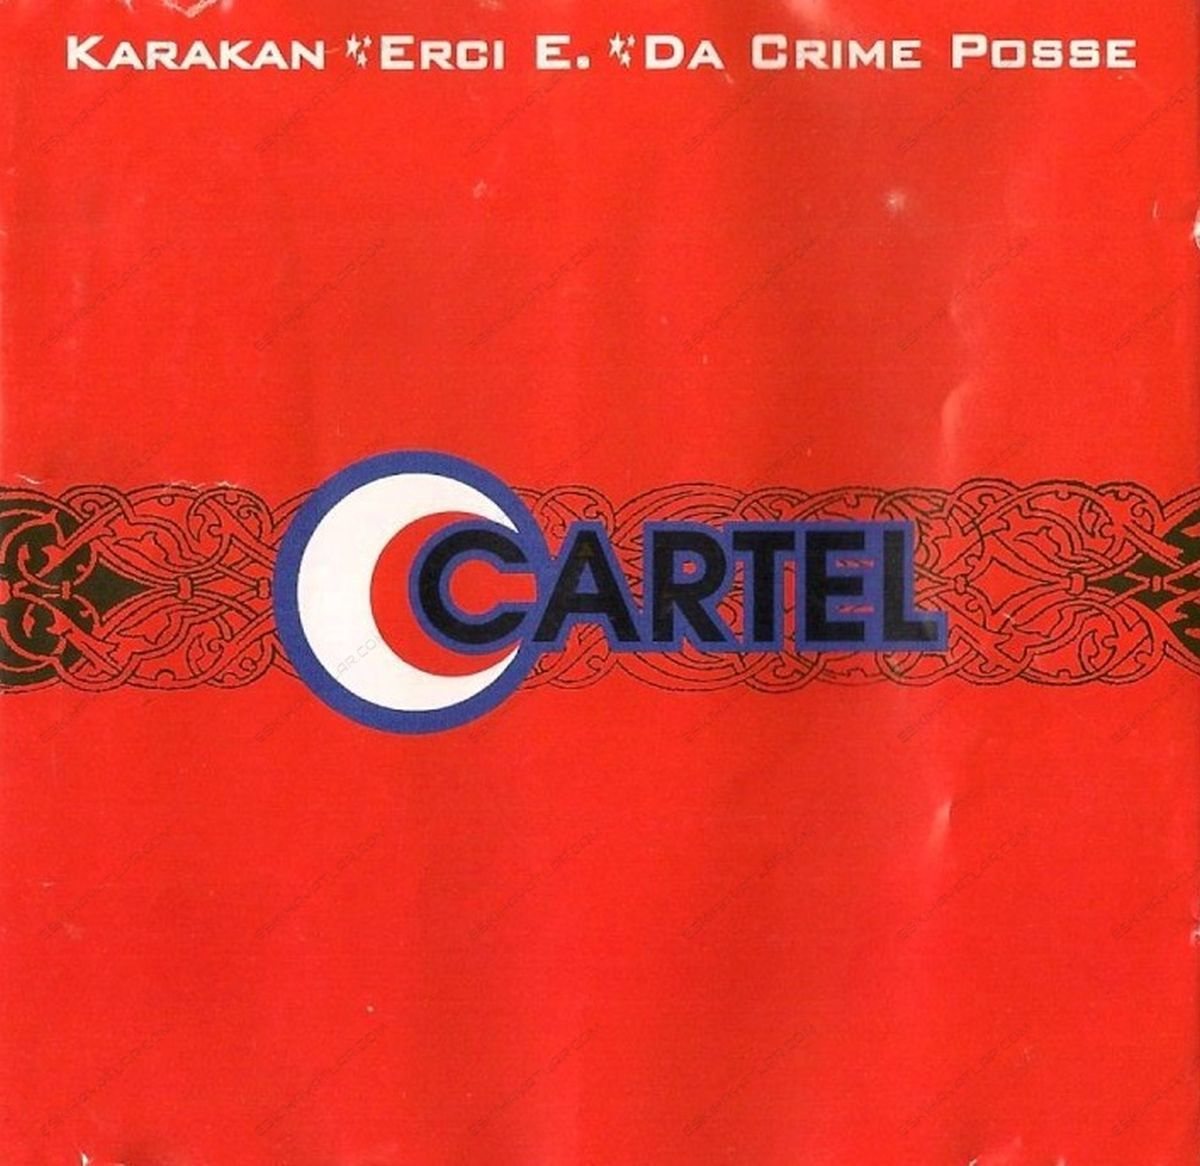 0326-cartel-grubu-1995-nokta-dergisi-doksanlarda-turkce-rap (4)